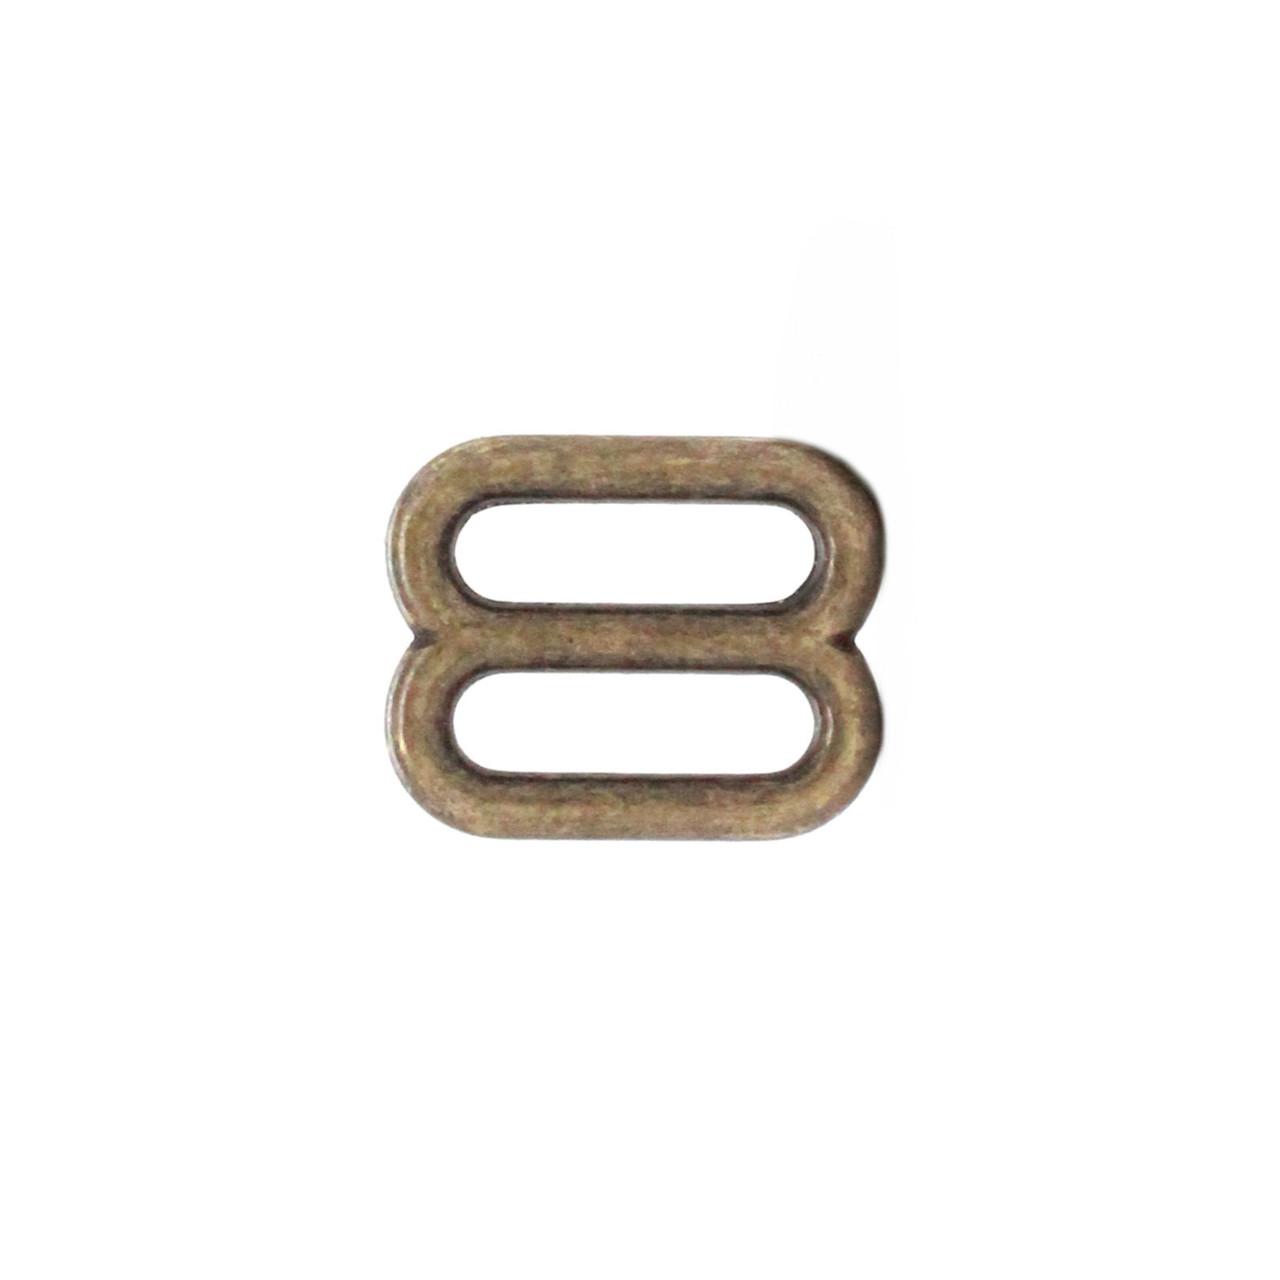 Strap Slide Adjuster 5/8 Inch Nickel Plate 20058-09